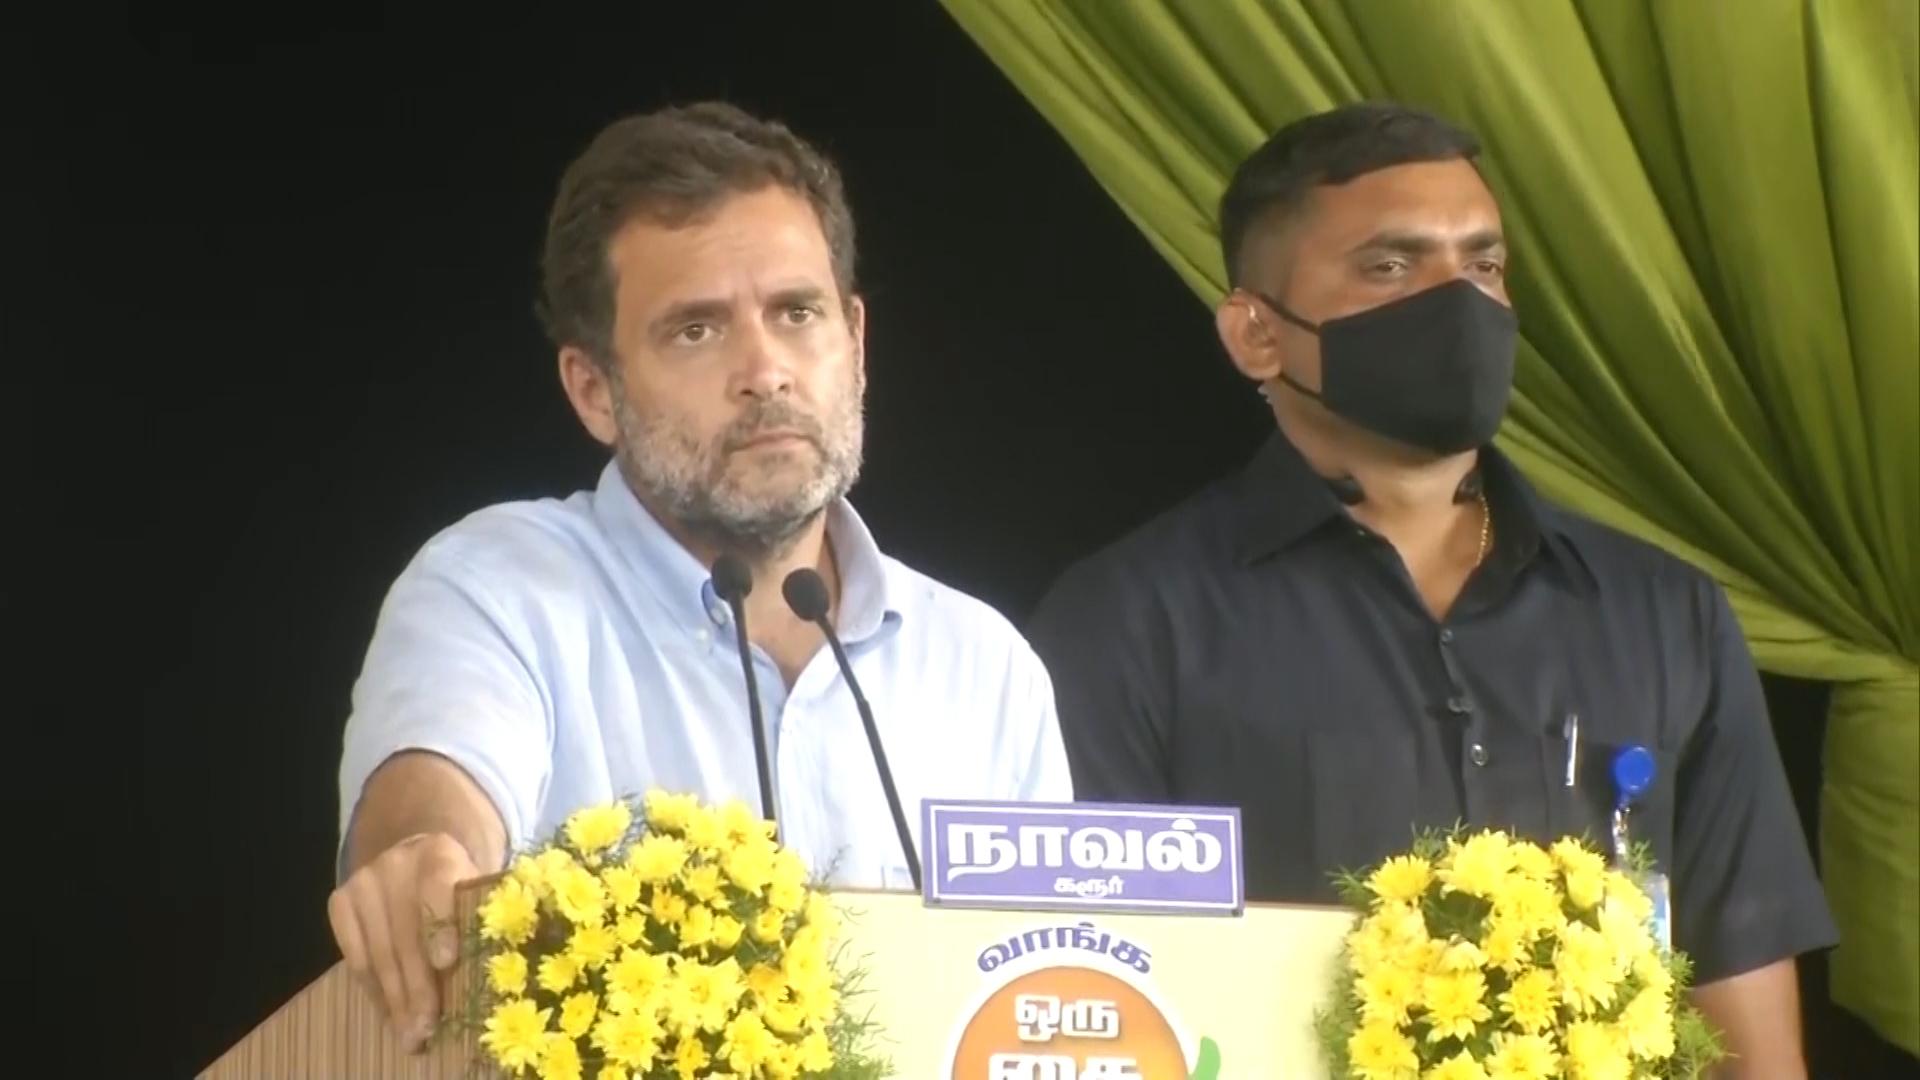 Rahul Gandhi in Tamil Nadu: I am not corrupt, Narendra Modi cant control me